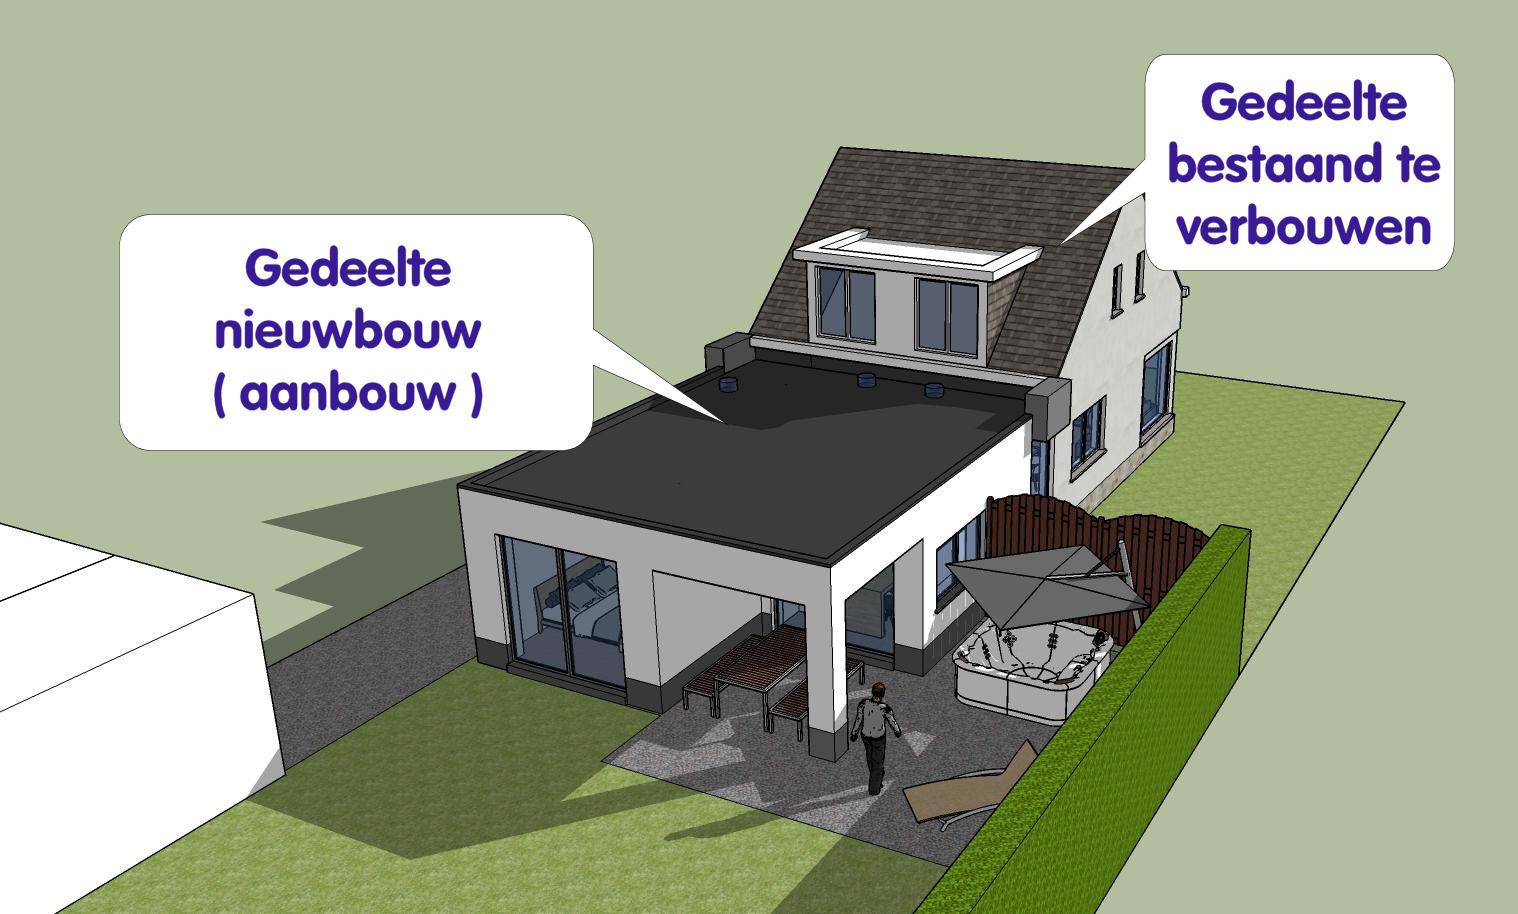 Kostprijs woning berekenen huisvestingsprobleem for Bouwkosten per m3